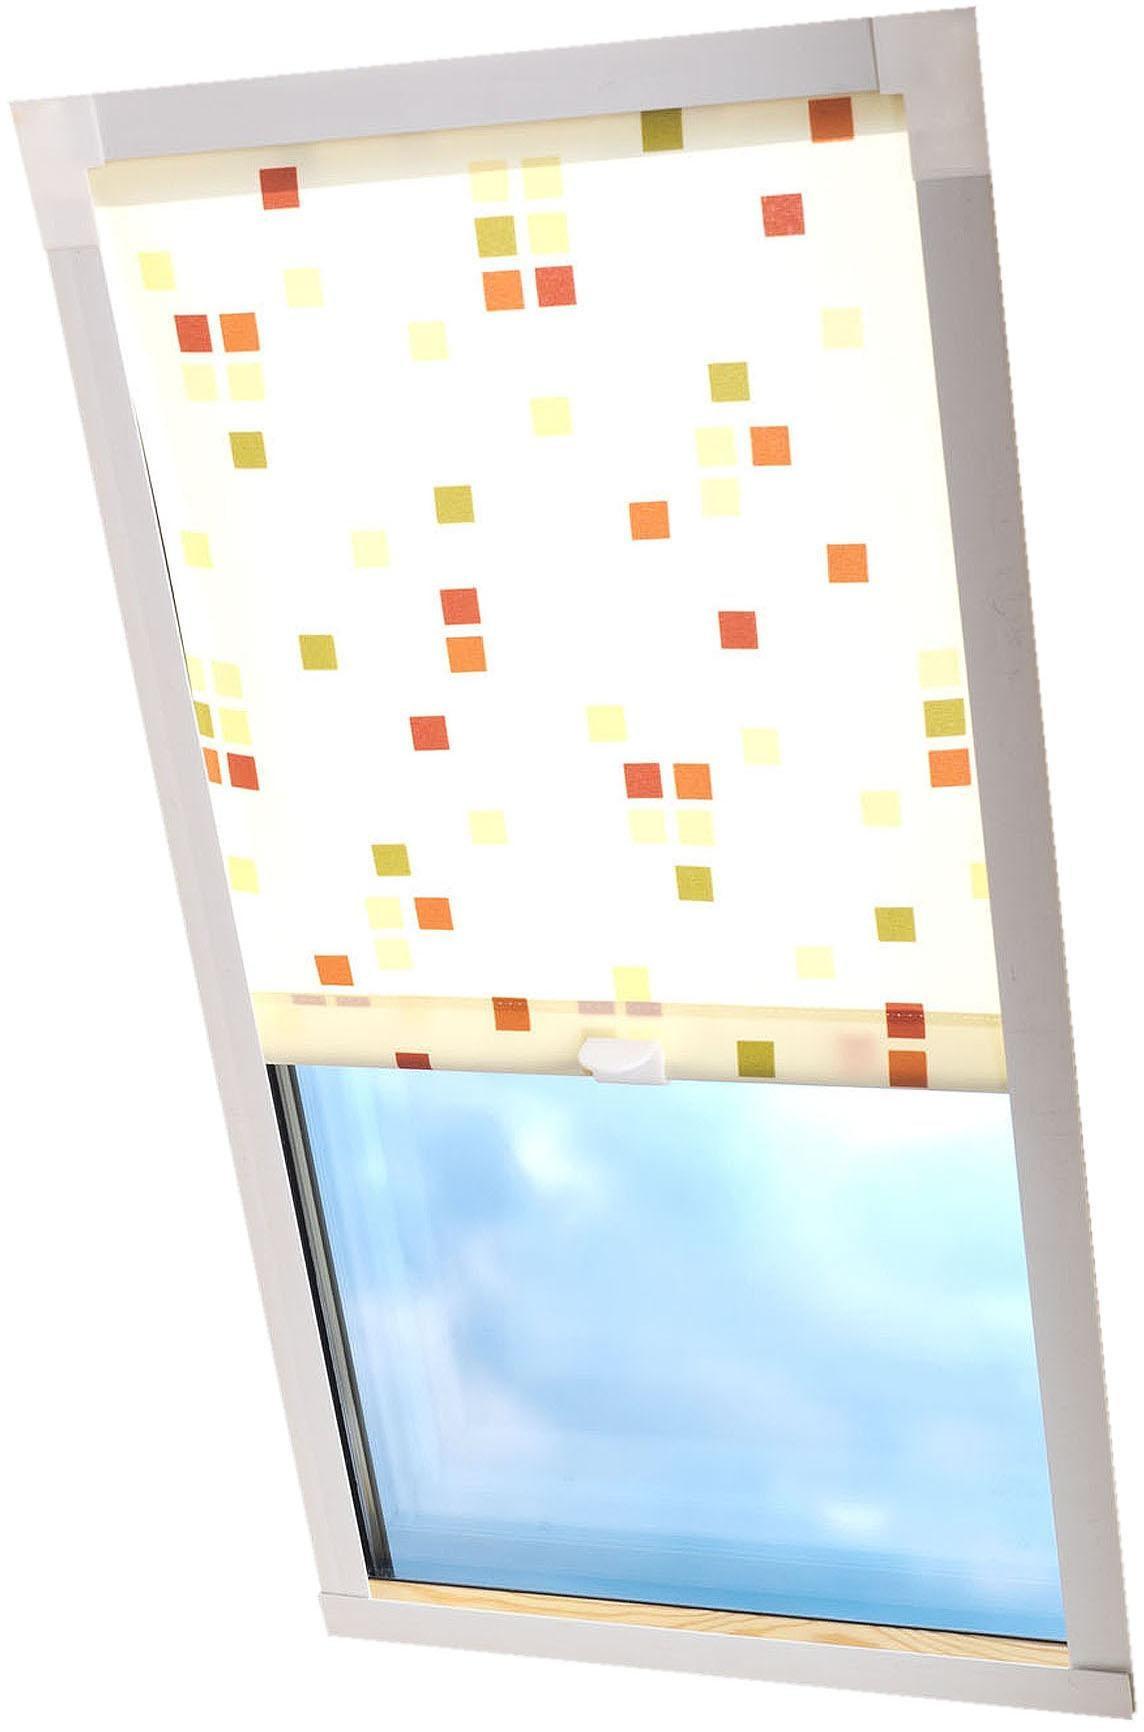 Dachfensterrollo Dekor Liedeco Lichtschutz in Führungsschienen Wohnen/Wohntextilien/Rollos & Jalousien/Rollos/Dachfensterrollos